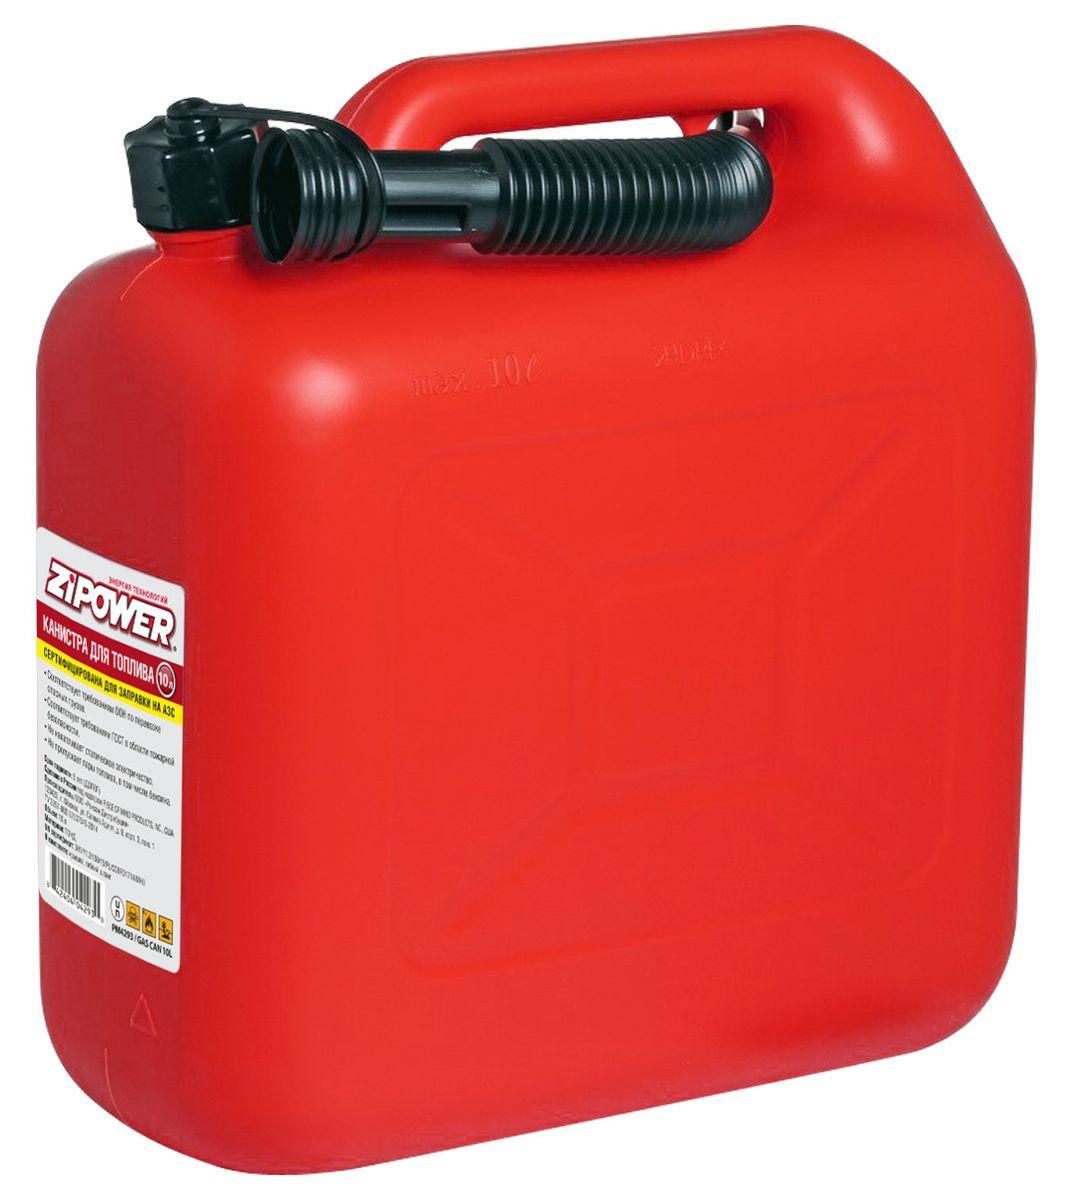 Канистра для топлива Zipower, цвет: красный, 10 лPM4293Канистры предназначены для хранения горюче-смазочных материалов. Канистры изготовлены из первичного сырья ПЭНД и не накапливают статический заряд. Товар имеет европейский сертификат соответствия 3H1/Y1.2/150/15/PL/COBR01714/MHU, который позволяет производить заливку бензина в канистру и контактировать с металлическим пистолетом на АЗС. Все канистры укомплектовываются крышкой и гибким шлангом.